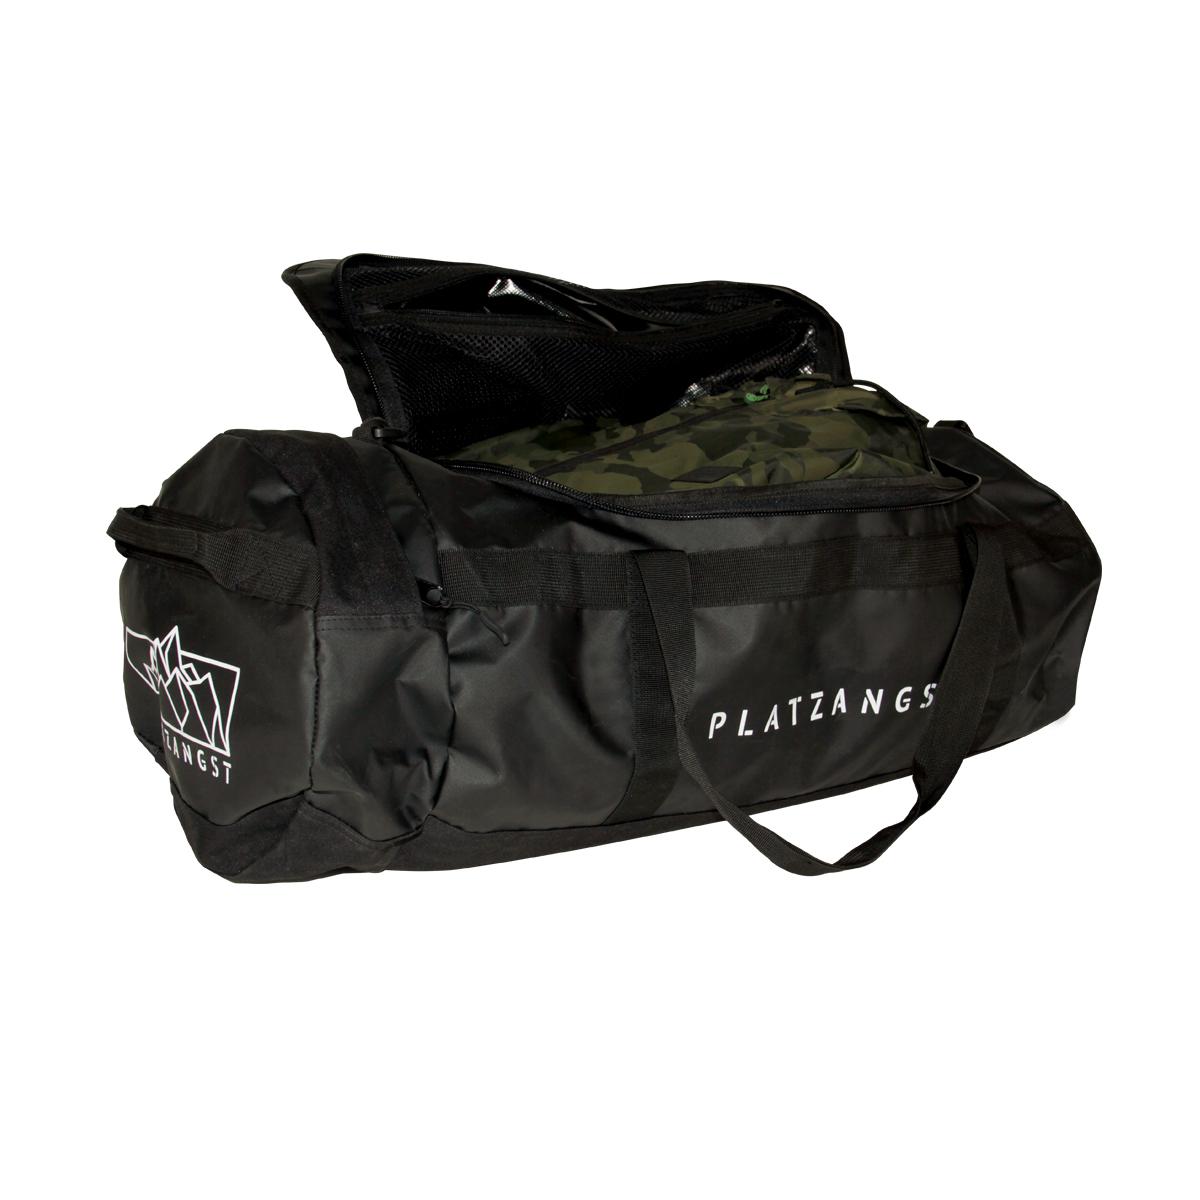 PLATZANGST Duffel Bag in Schwarz mit 50 Litern Fassungsvermögen